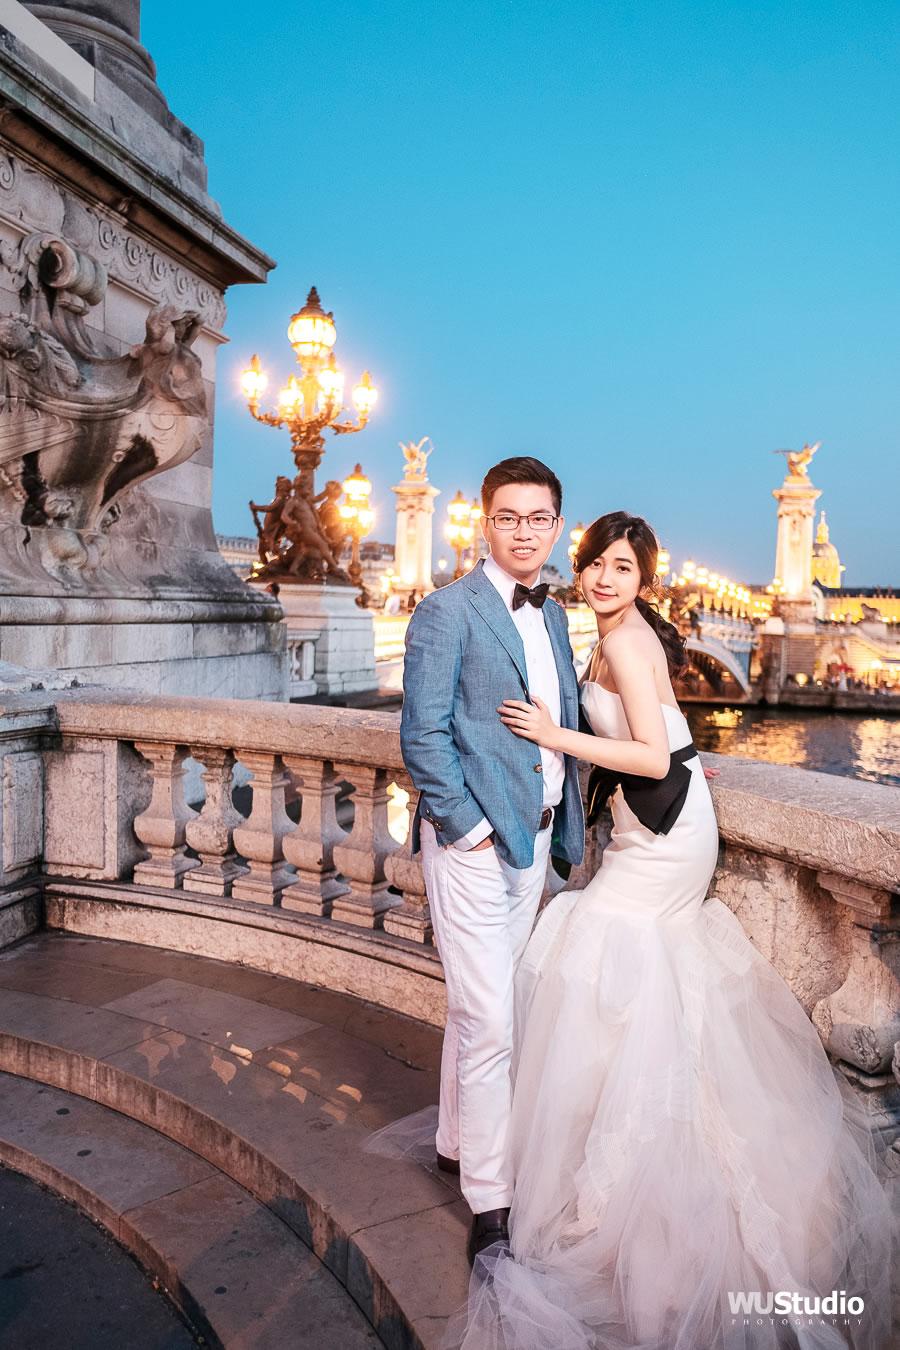 巴黎 自助婚紗 | Anny & Andy - 輕婚紗, 旅行婚紗, 海外婚紗, 法國自助婚紗, RogerWu 自助婚紗攝影, 日常婚紗